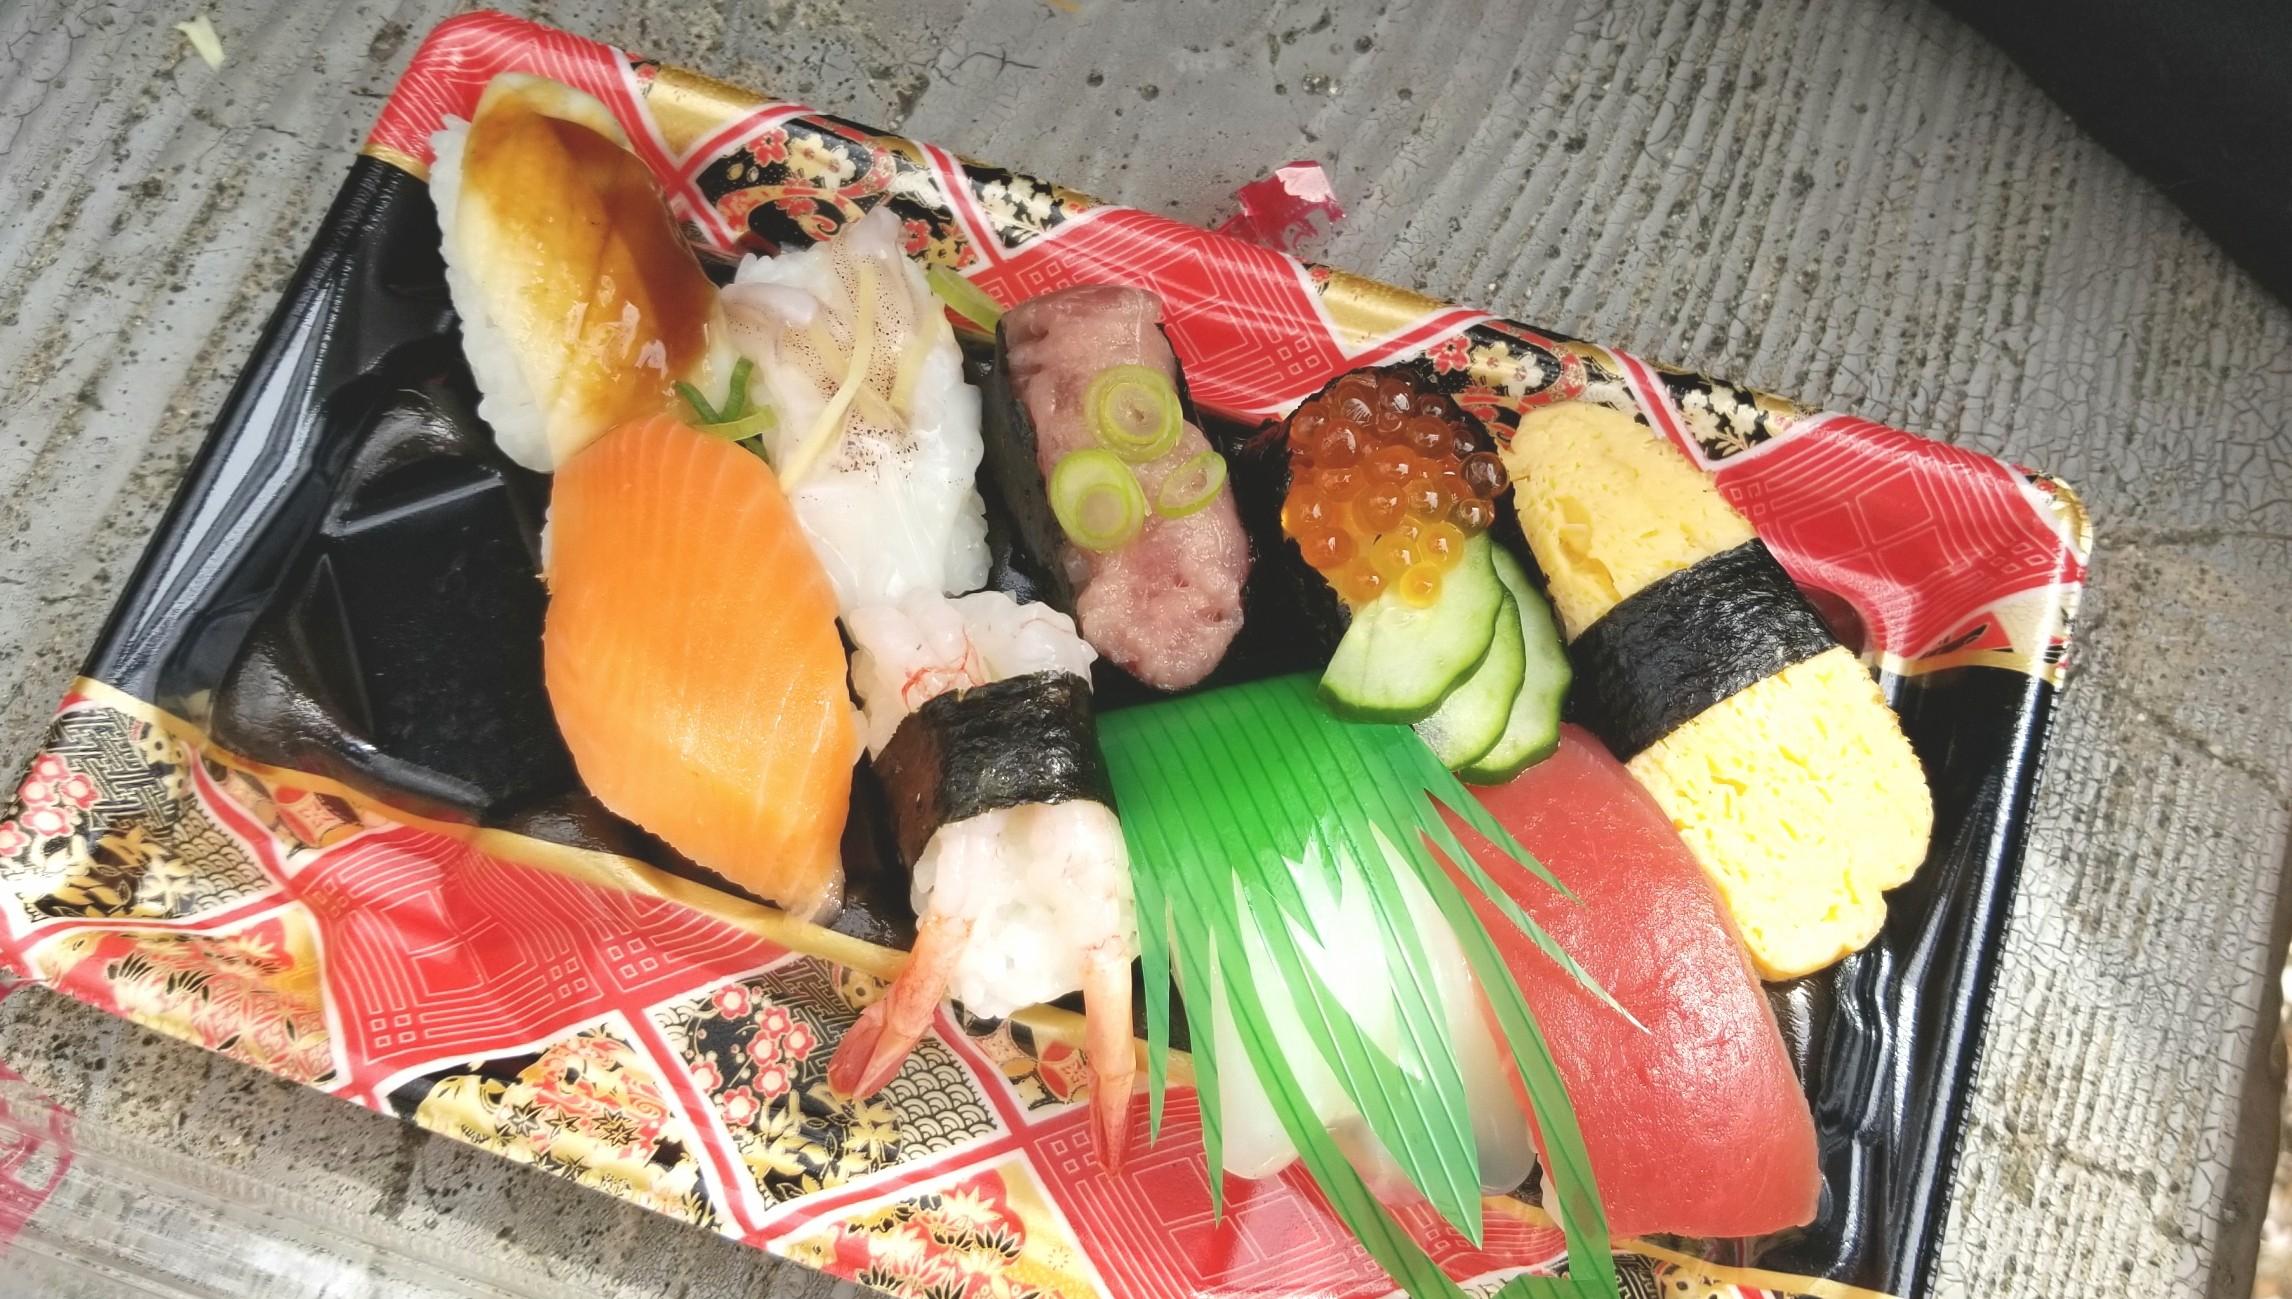 お花見どころ,ランチ持ちより購入弁当寿司,3月下旬,おすすめブログ